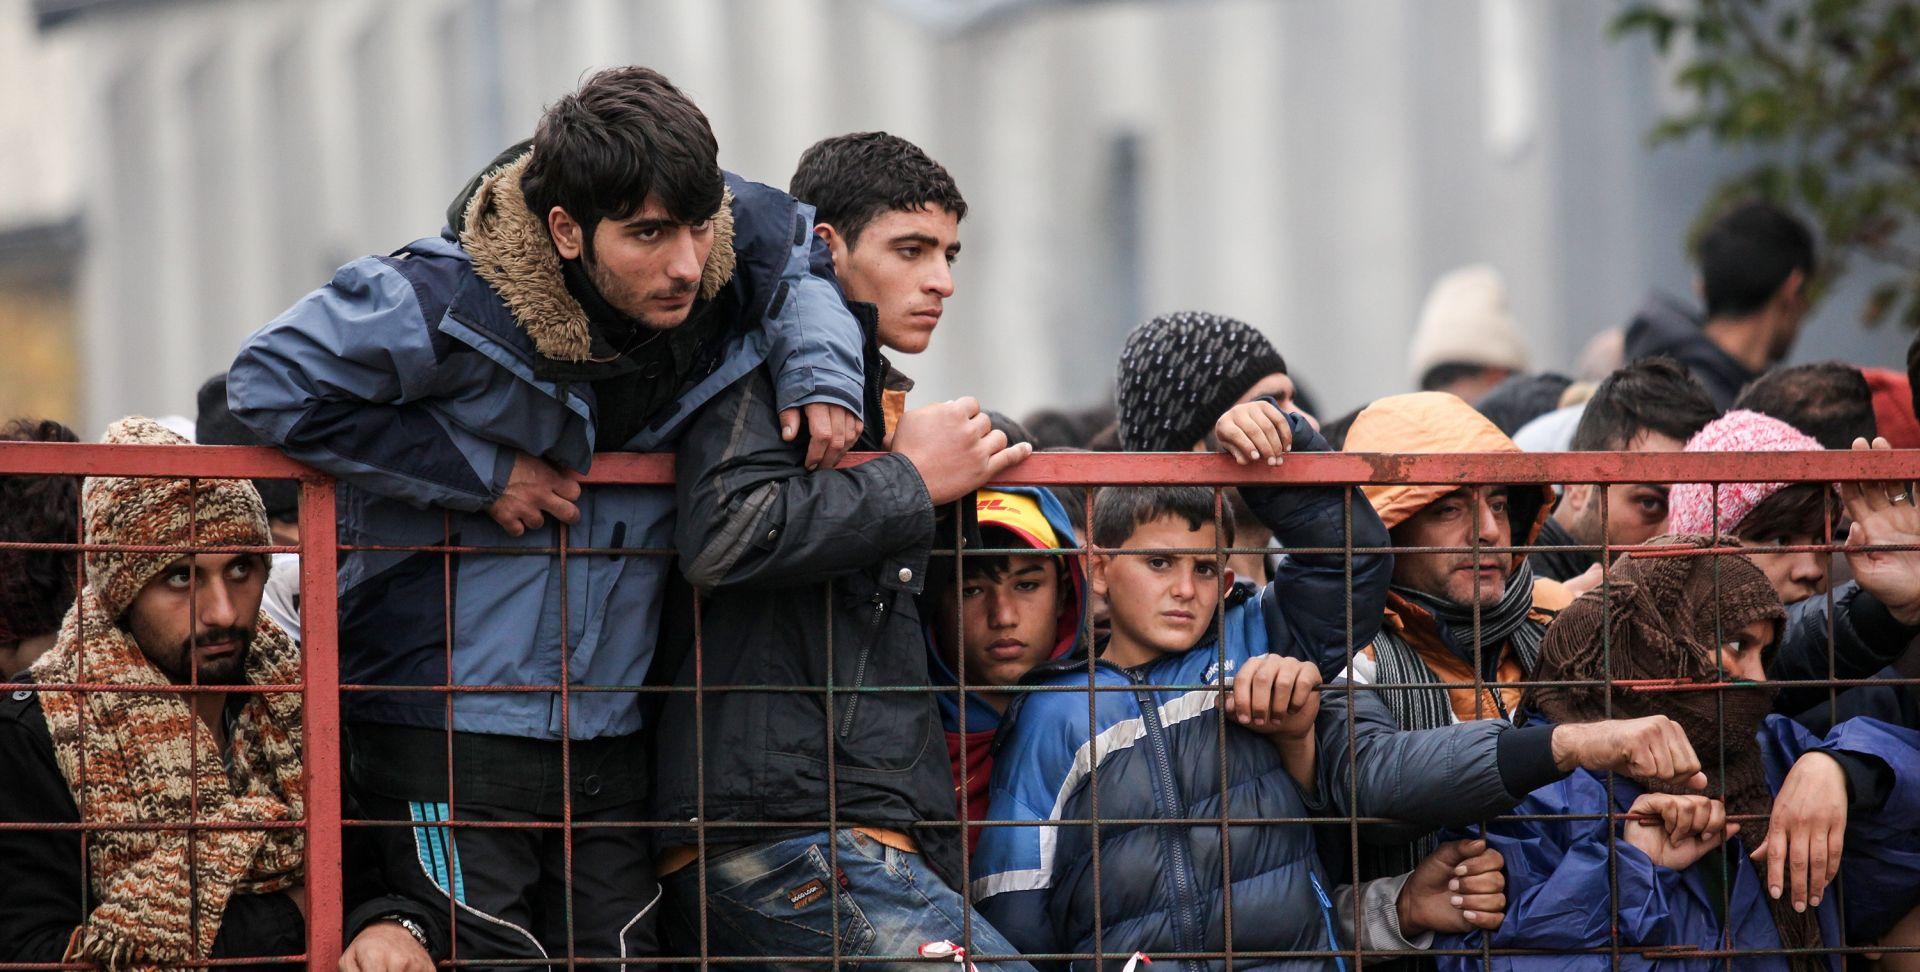 IZBJEGLIČKA KRIZA Slovenija spremna podići ogradu na granici s Hrvatskom